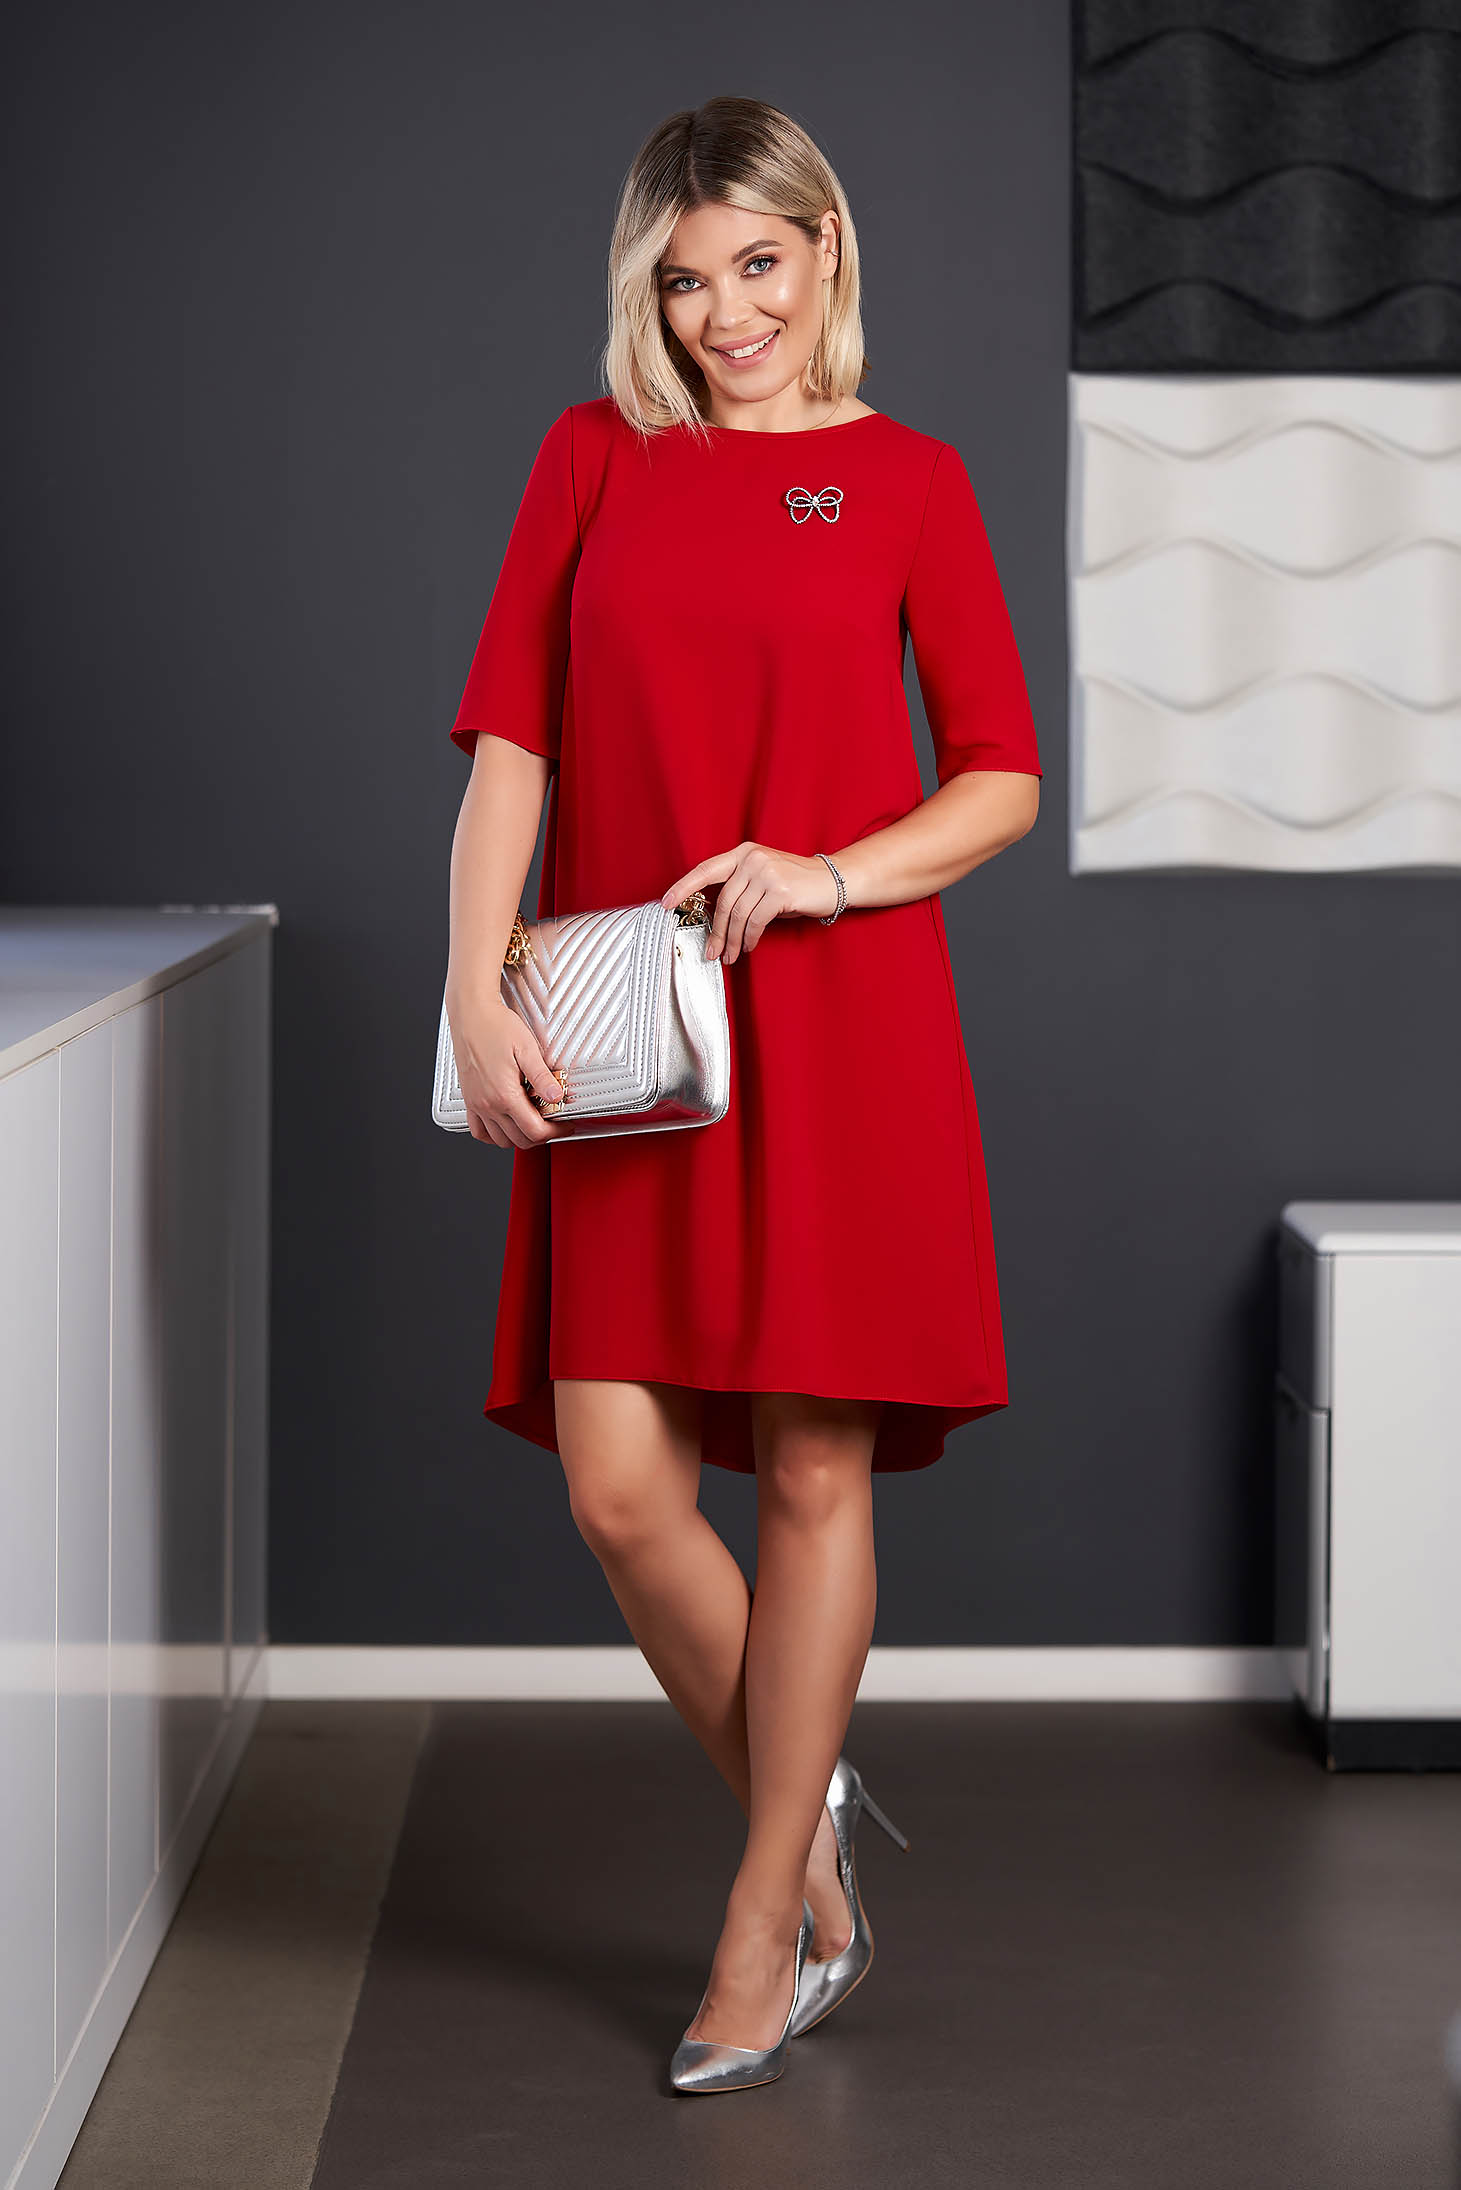 Rochie StarShinerS rosie eleganta asimetrica din stofa cu maneci scurte accesorizata cu brosa cu decolteu rotunjit